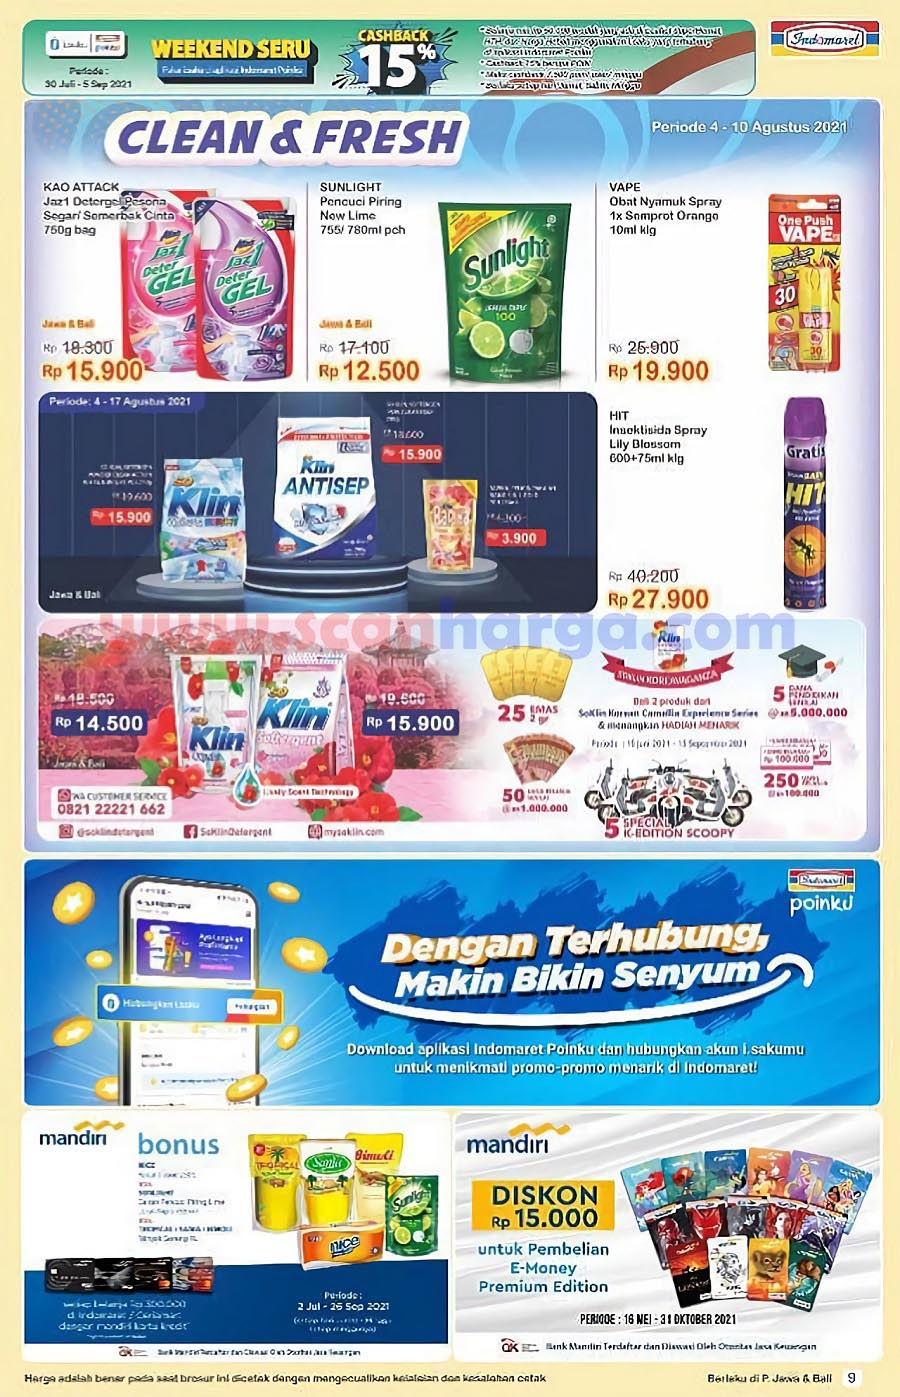 Katalog Indomaret Promo Terbaru 4 - 10 Agustus 2021 9